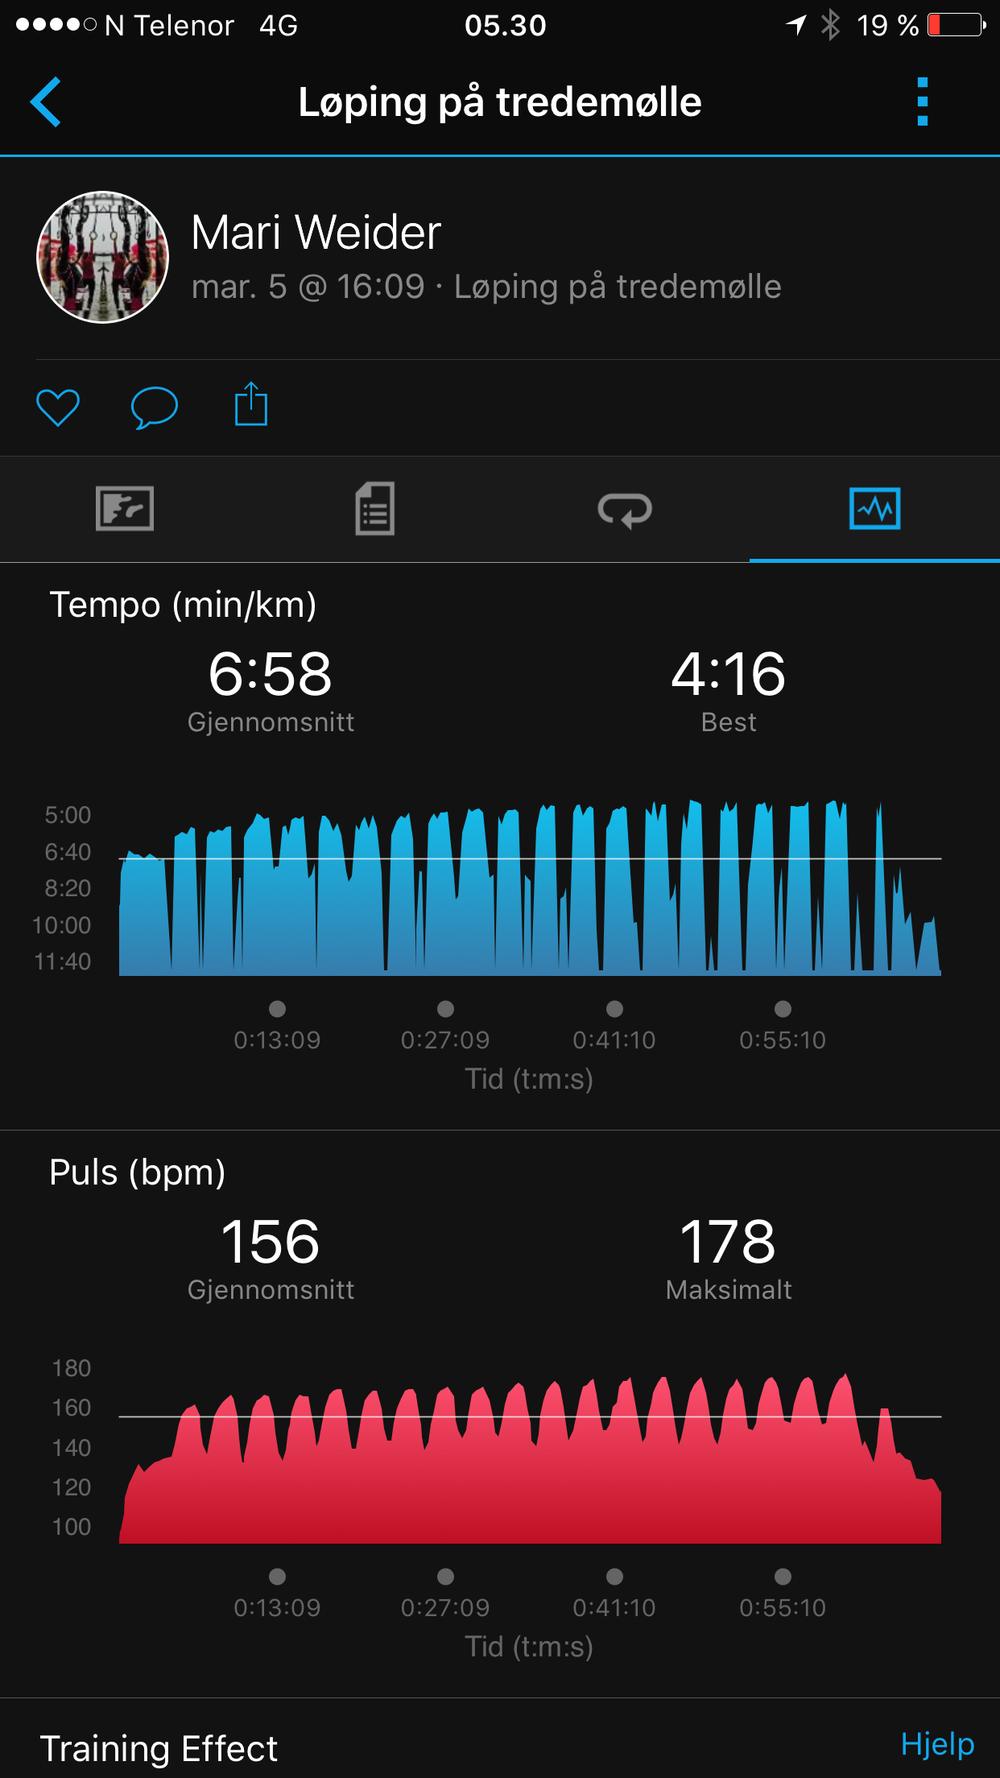 20 stk a 2 minutter, målet var å komme meg opp til 14 km/t, men ga meg på 13,7 og løp de 3 siste på 13,5. Skjønte allerde da at jeg satt godt plantet på sone 5 båten...